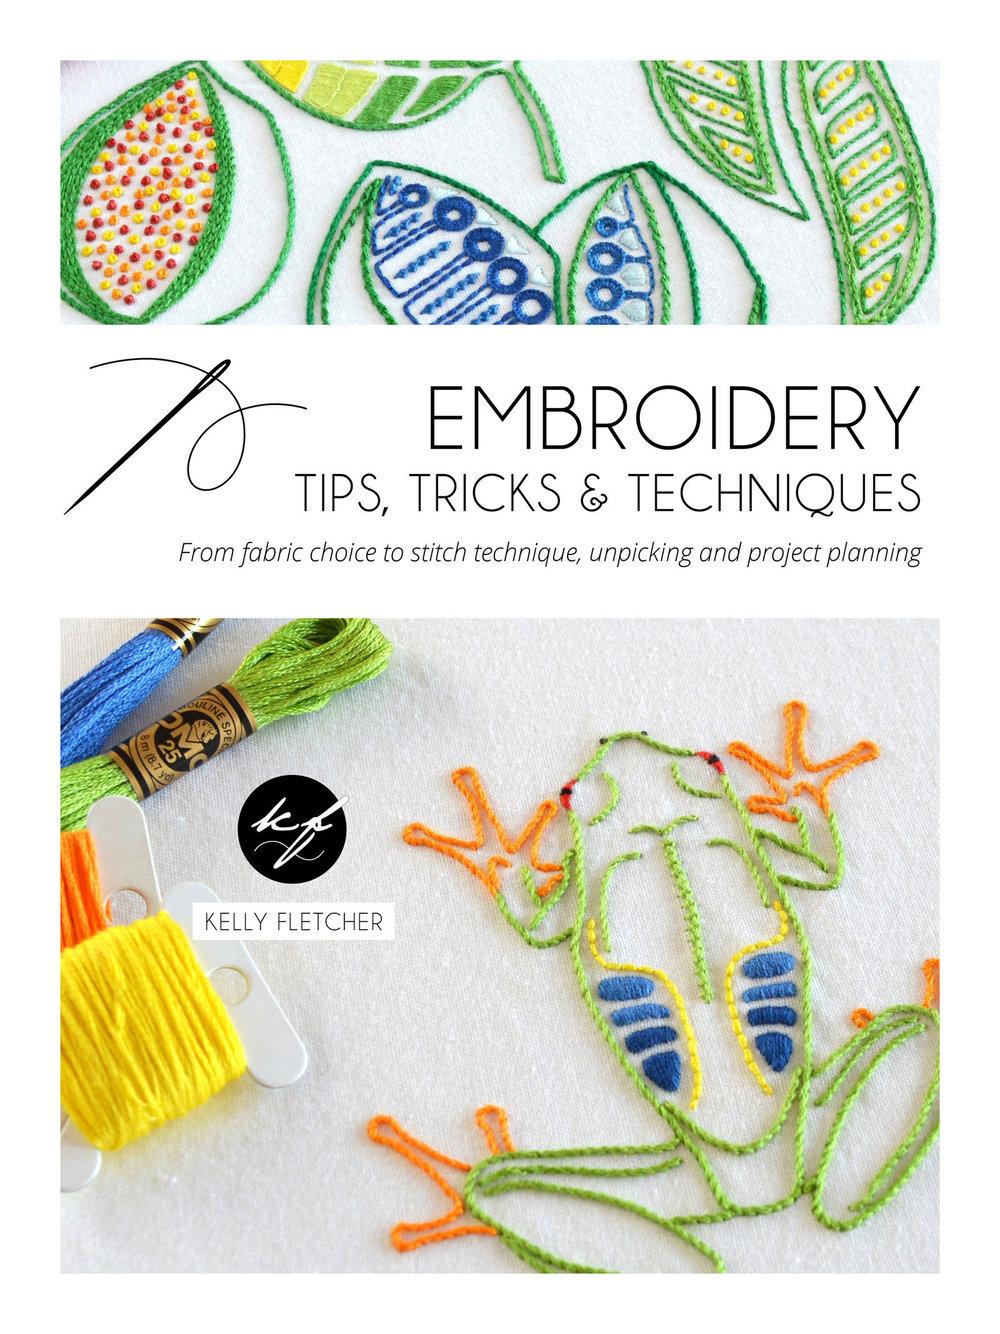 EmbroideryTipsTricksTechniques_KellyFletcher.jpg